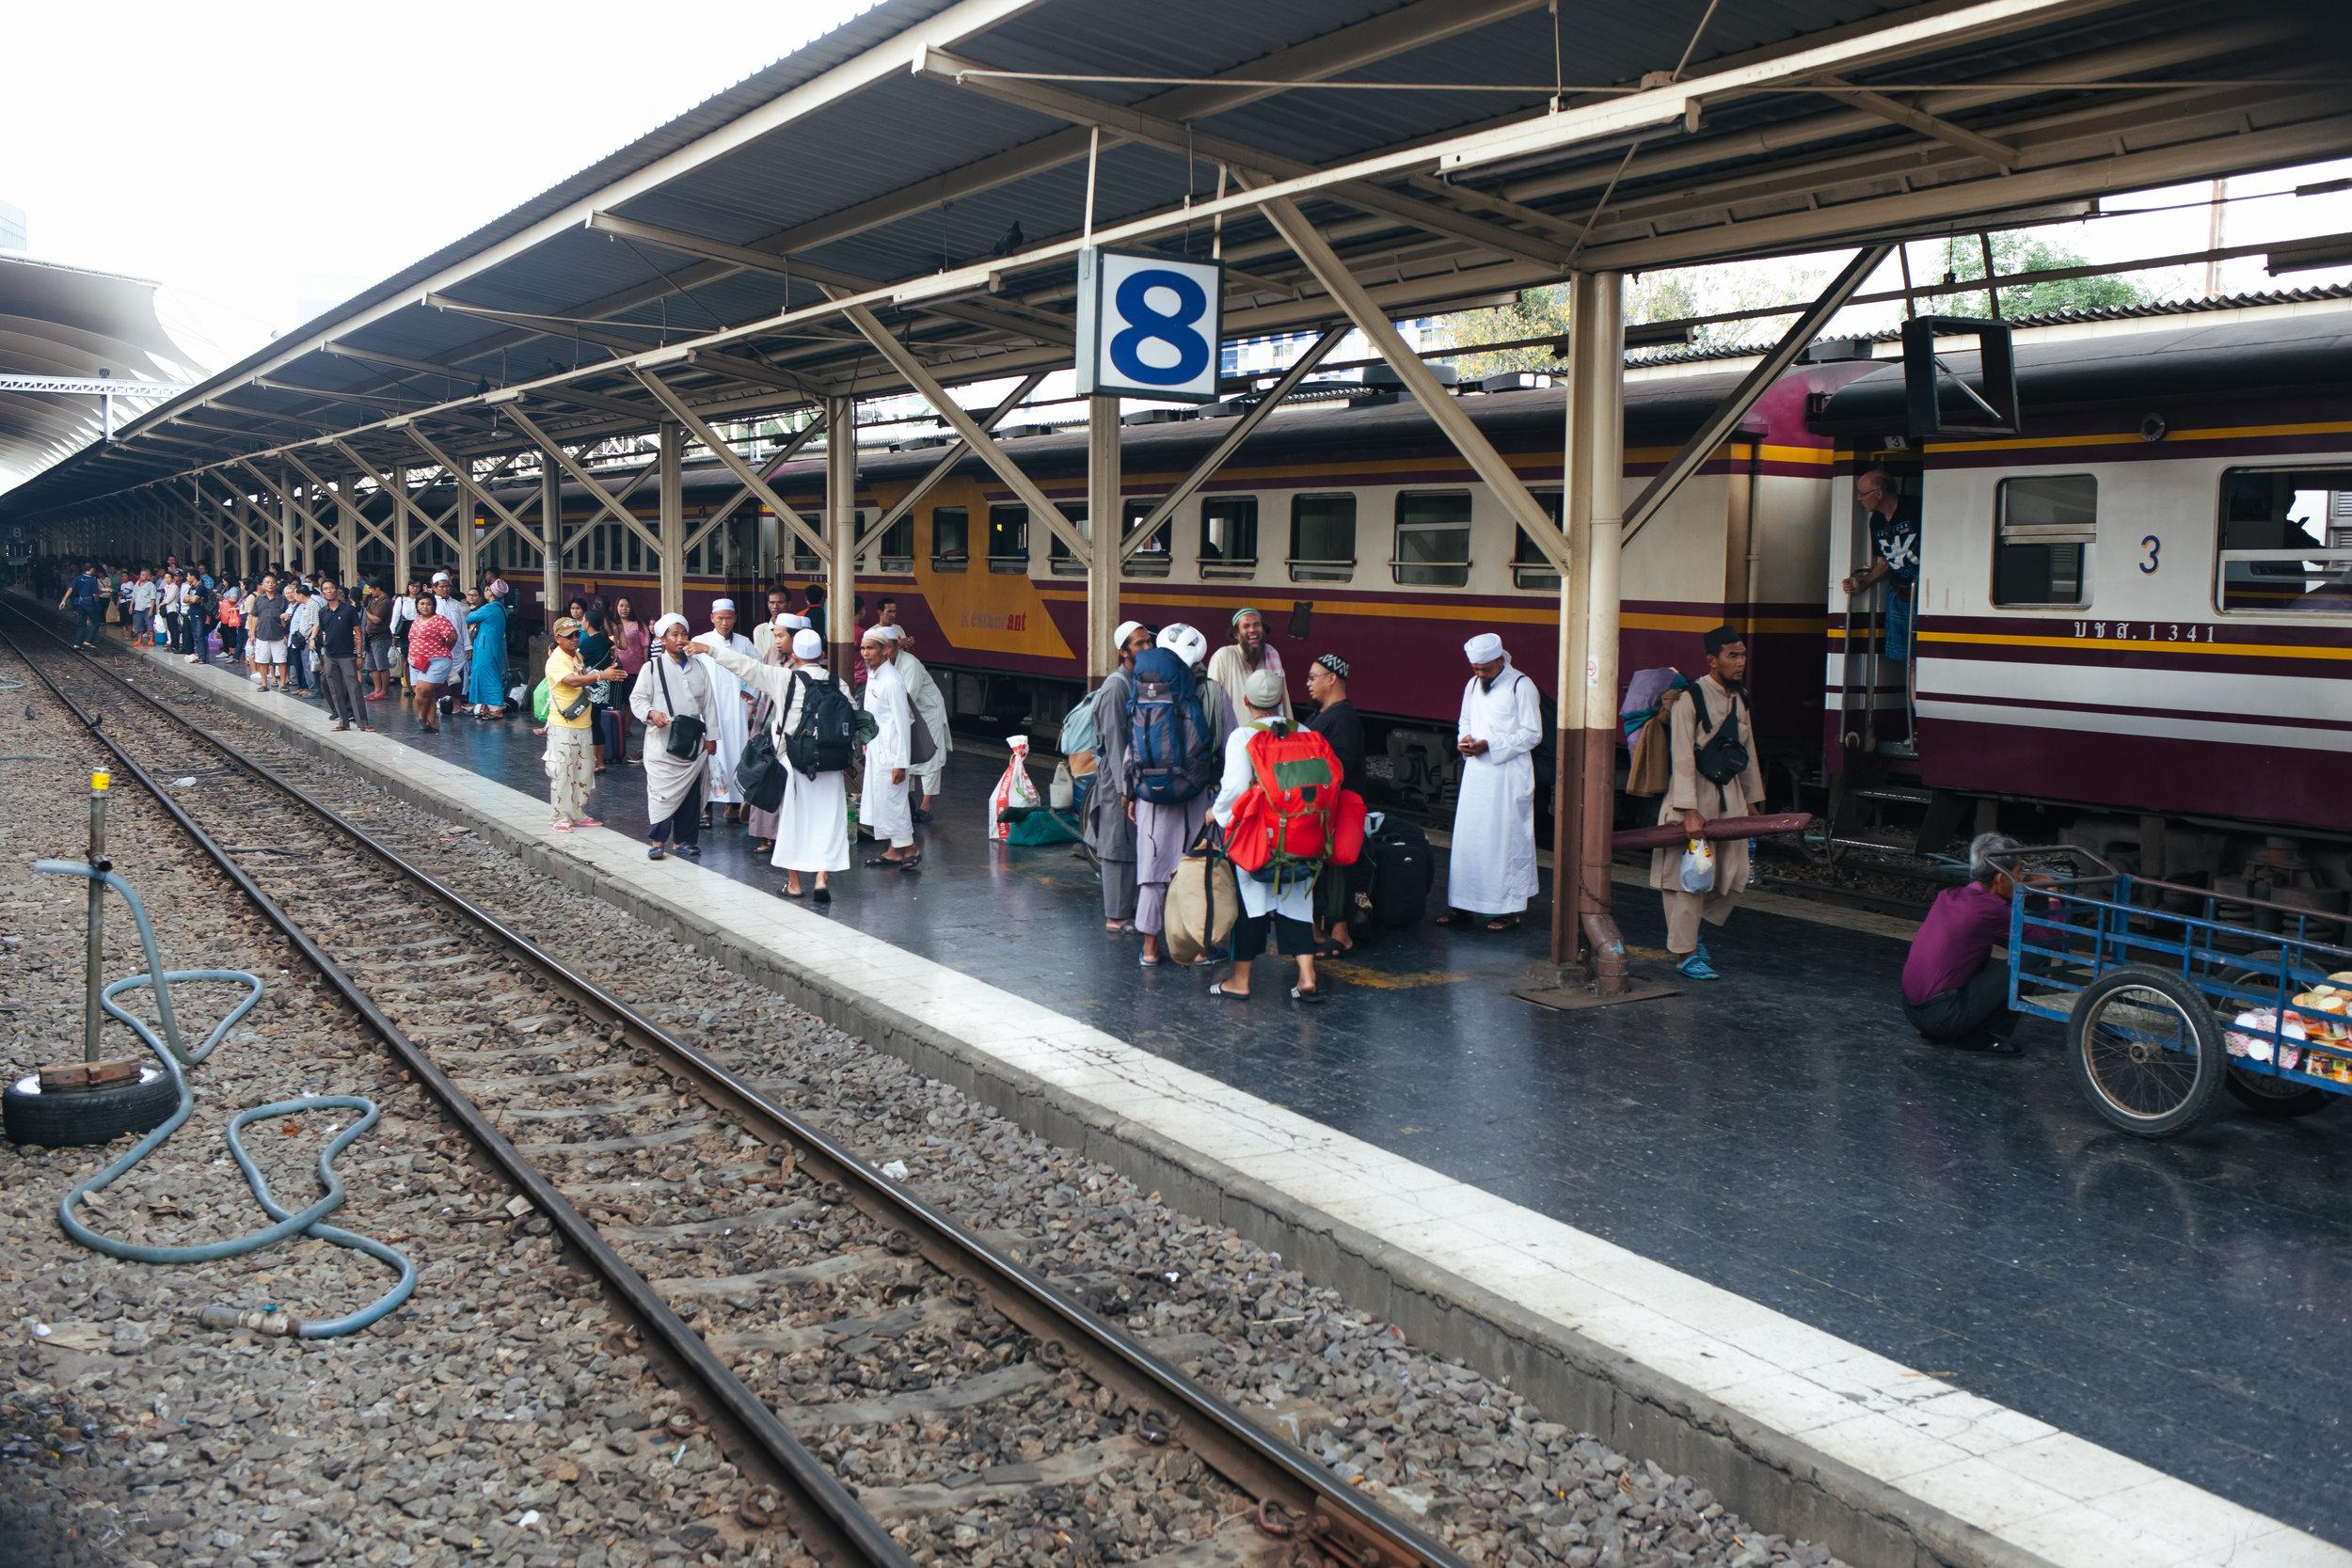 thailand_lampang_ayuthaya_train (67 of 77).jpg